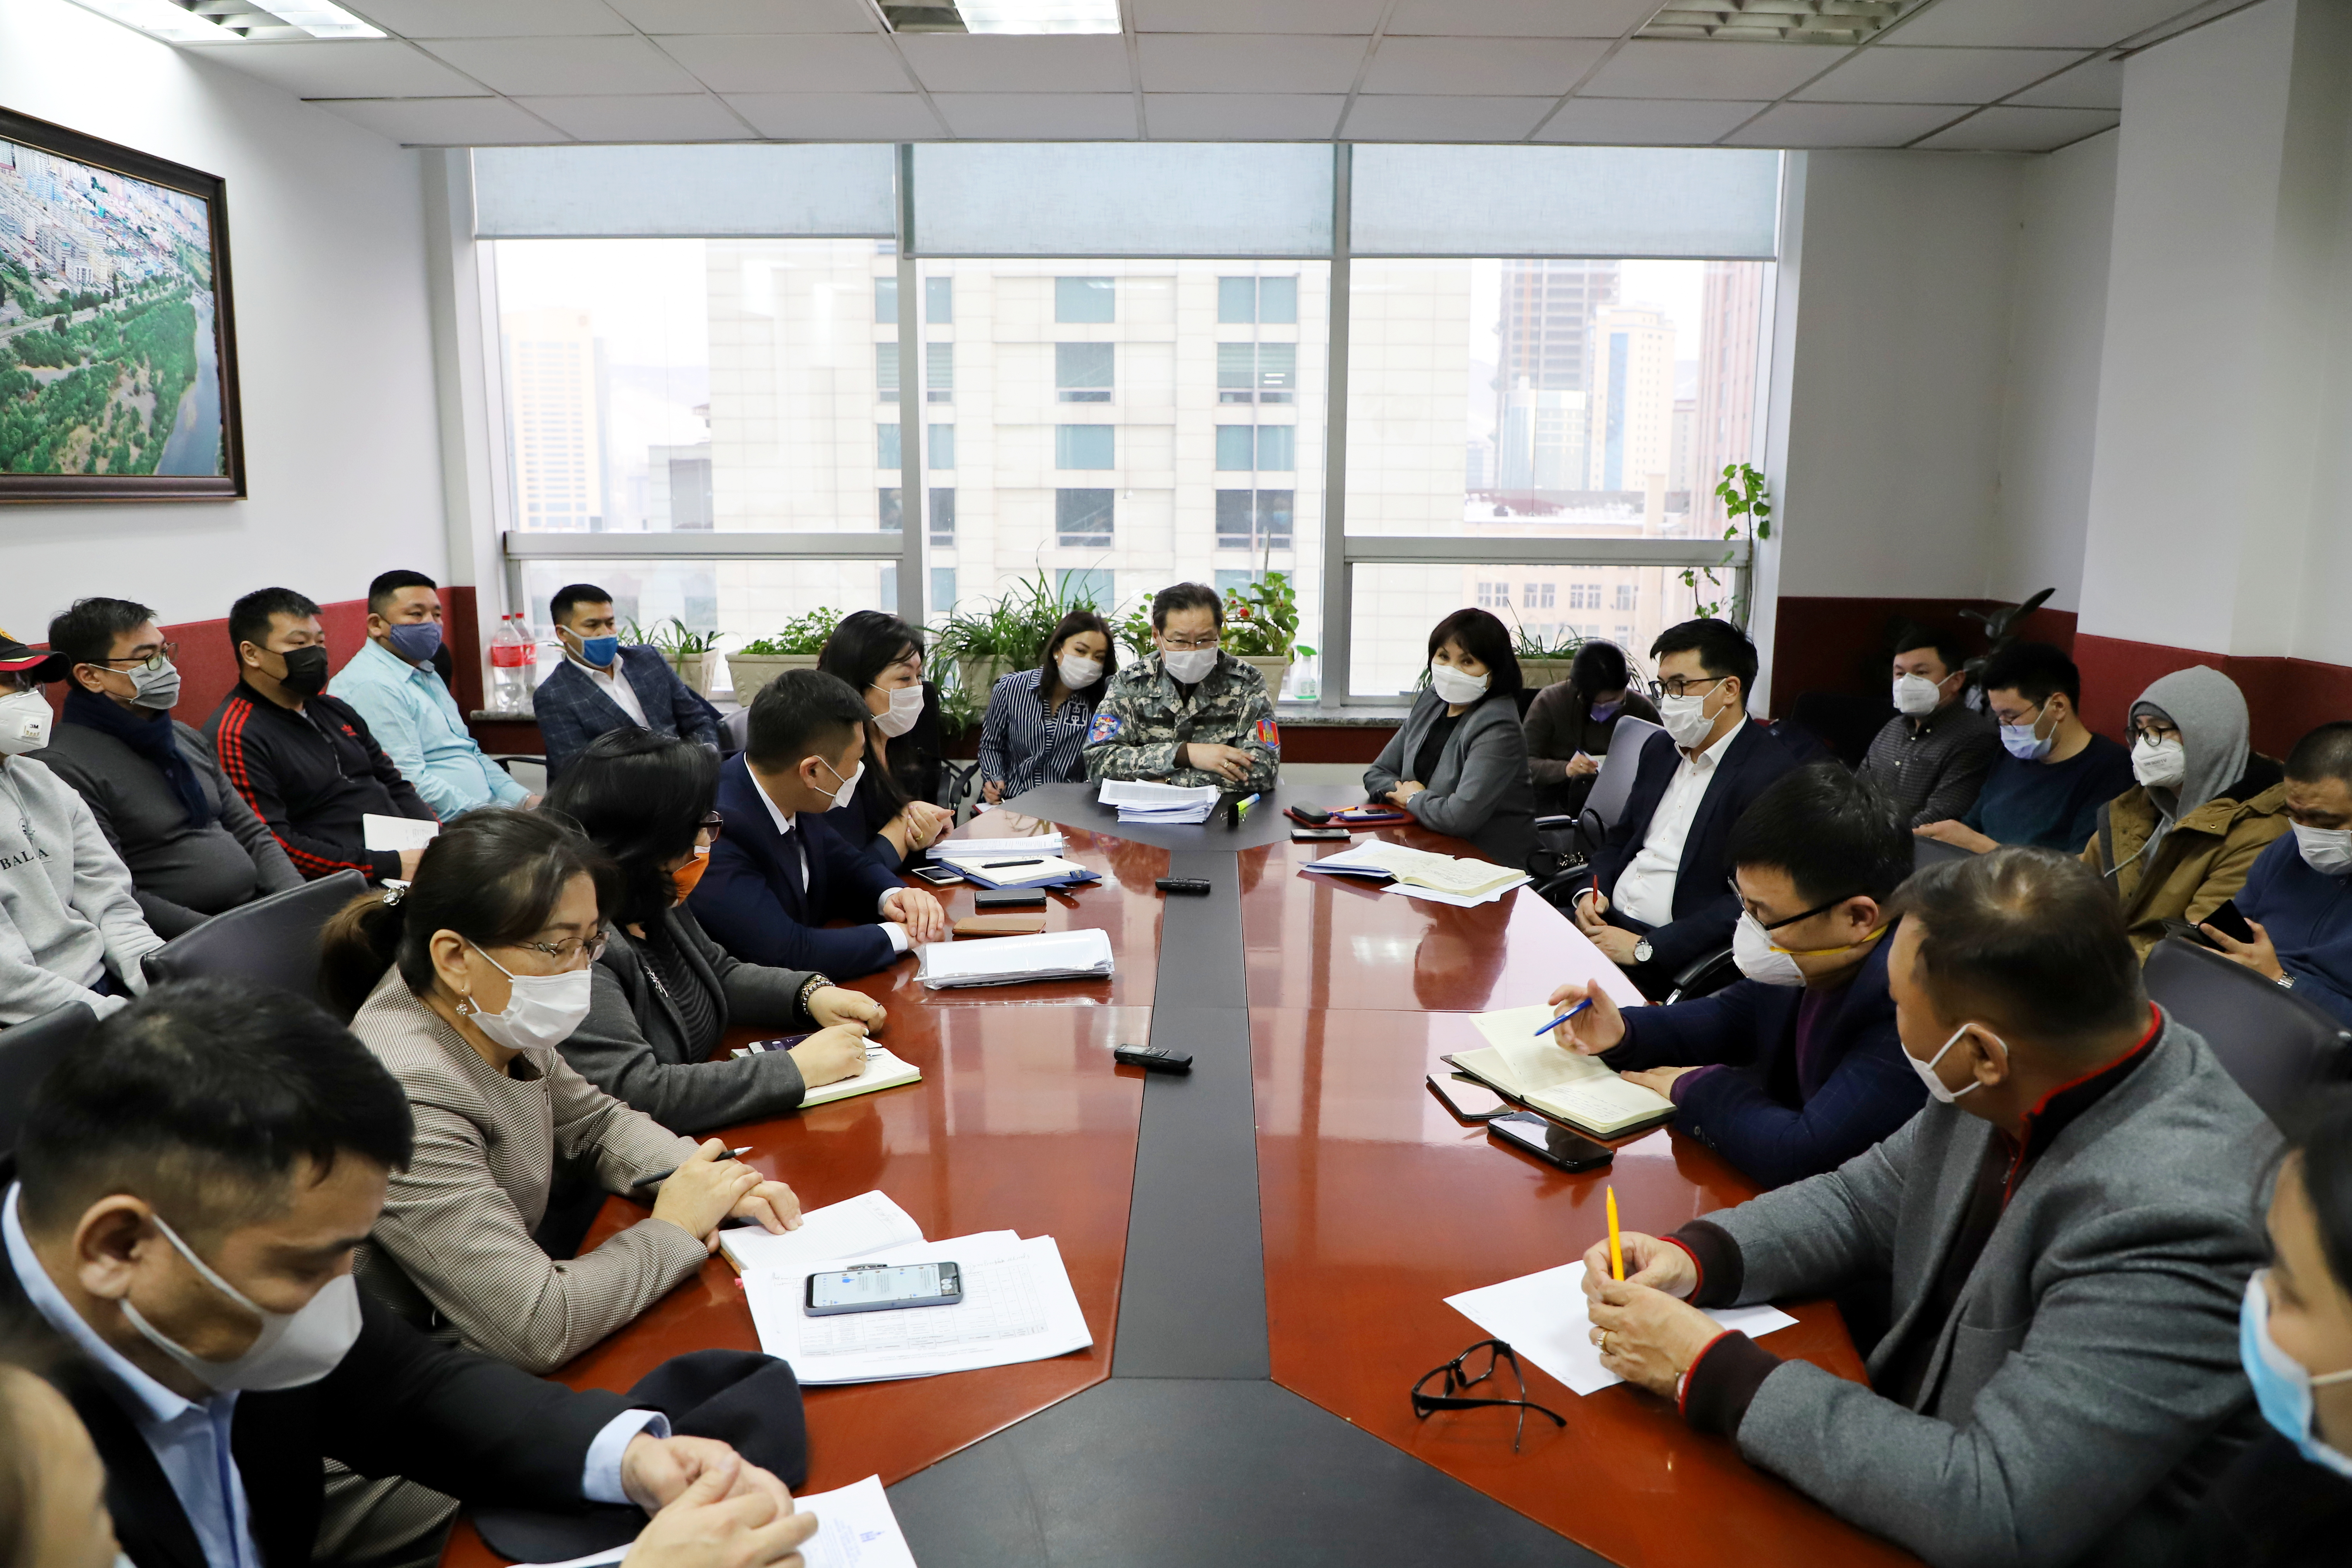 Нөөцийн мах бэлтгэн экспортлох зөвшөөрөл авч бодлогын гэрээ байгуулсан 38 аж ахуйн нэгжийн төлөөлөлтэй хуралдлаа